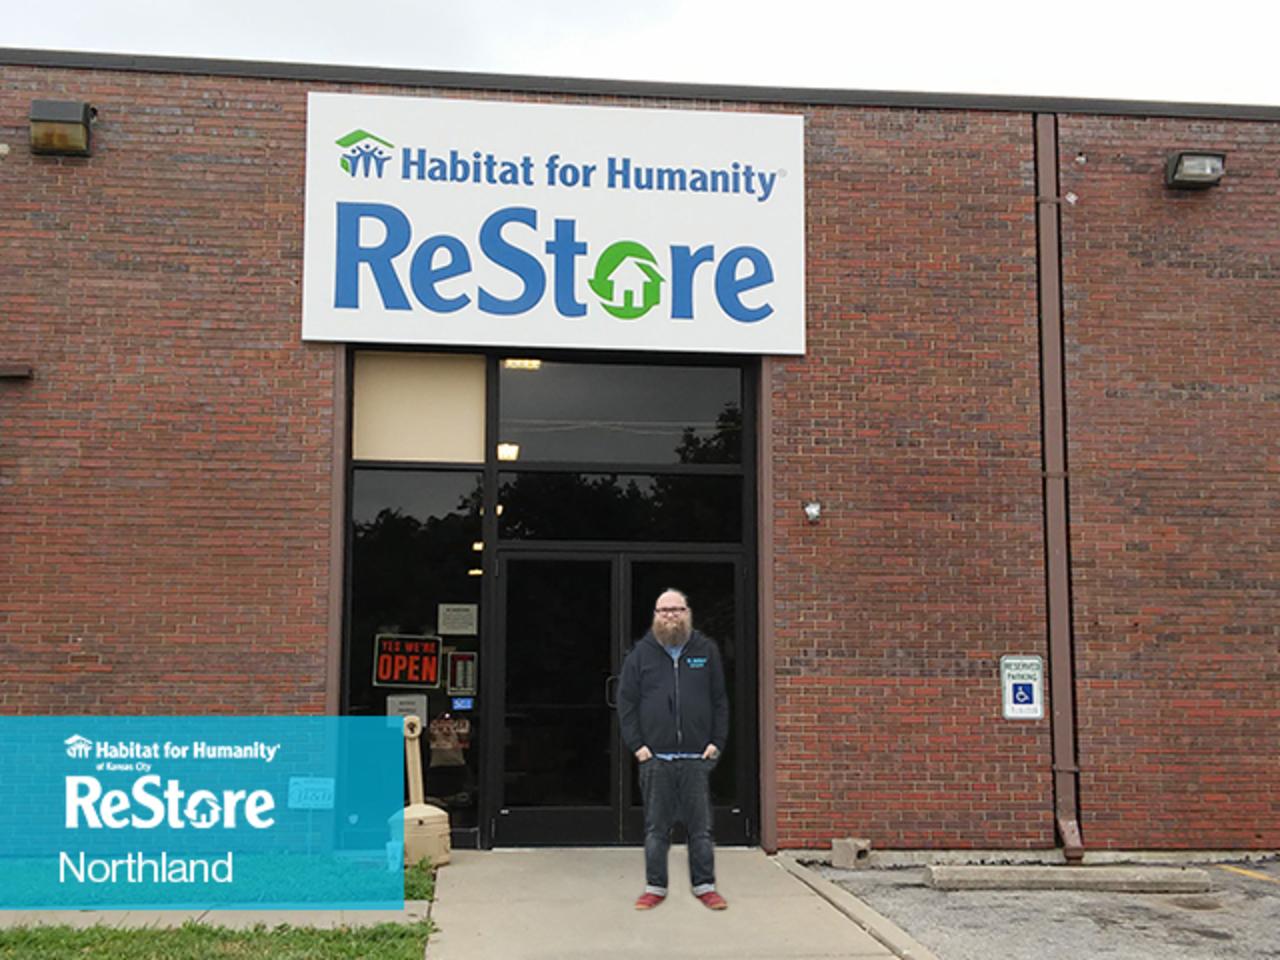 ReStore Northland 2020